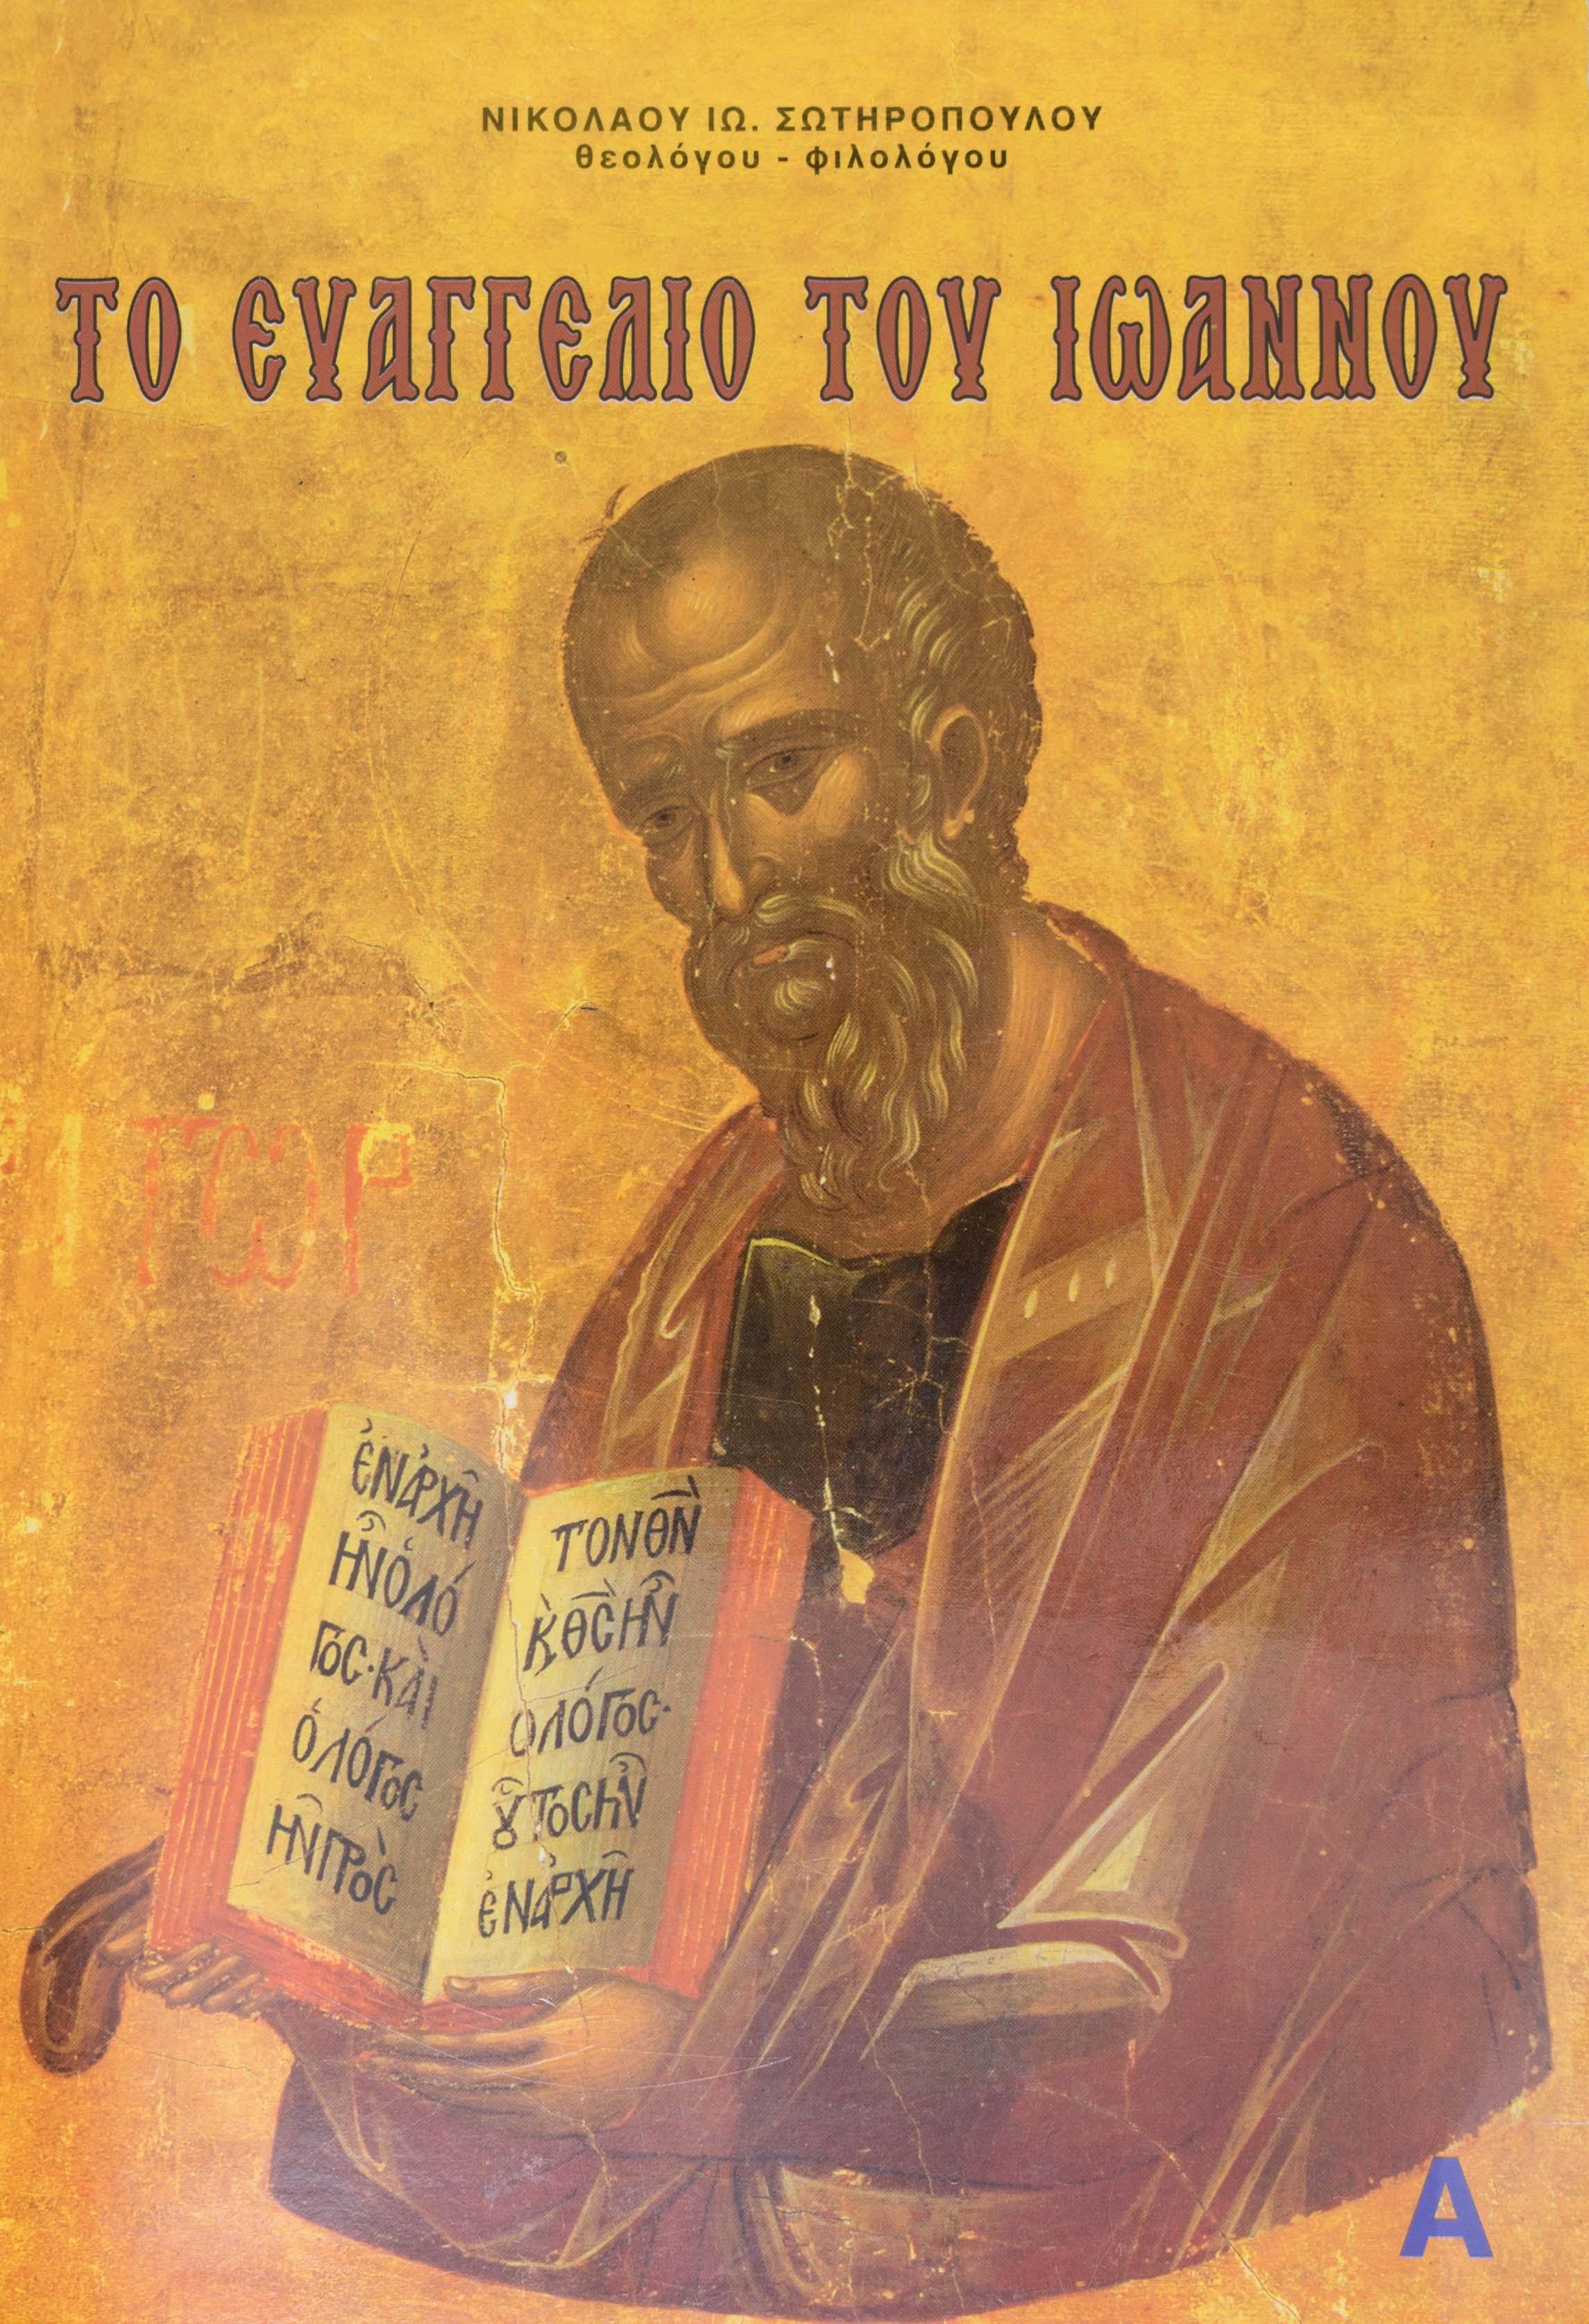 Το Ευαγγέλιο του Ιωάννου